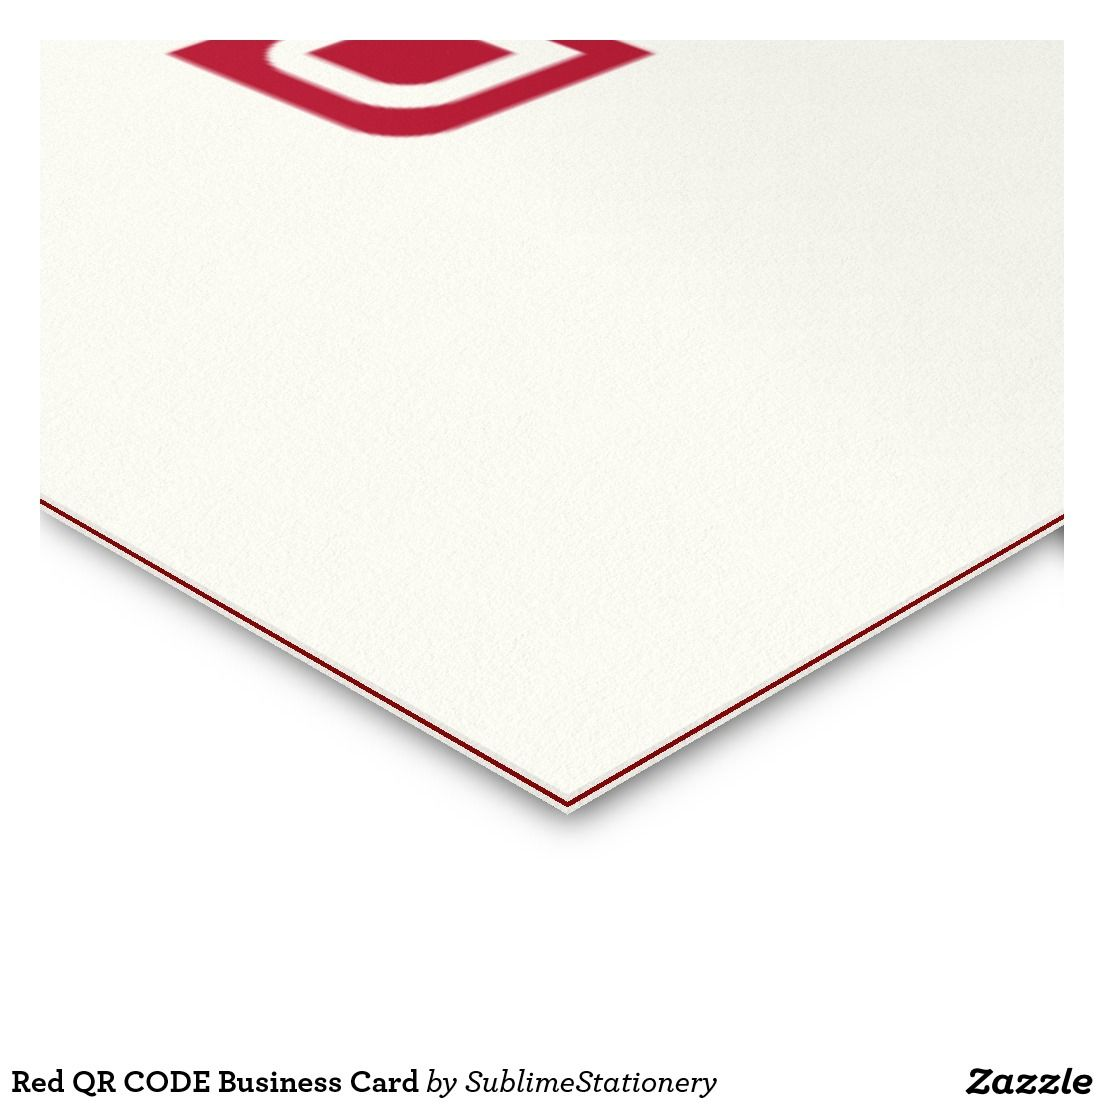 Red QR CODE Business Card | Razzle Dazzle Zazzle | Pinterest | Qr codes